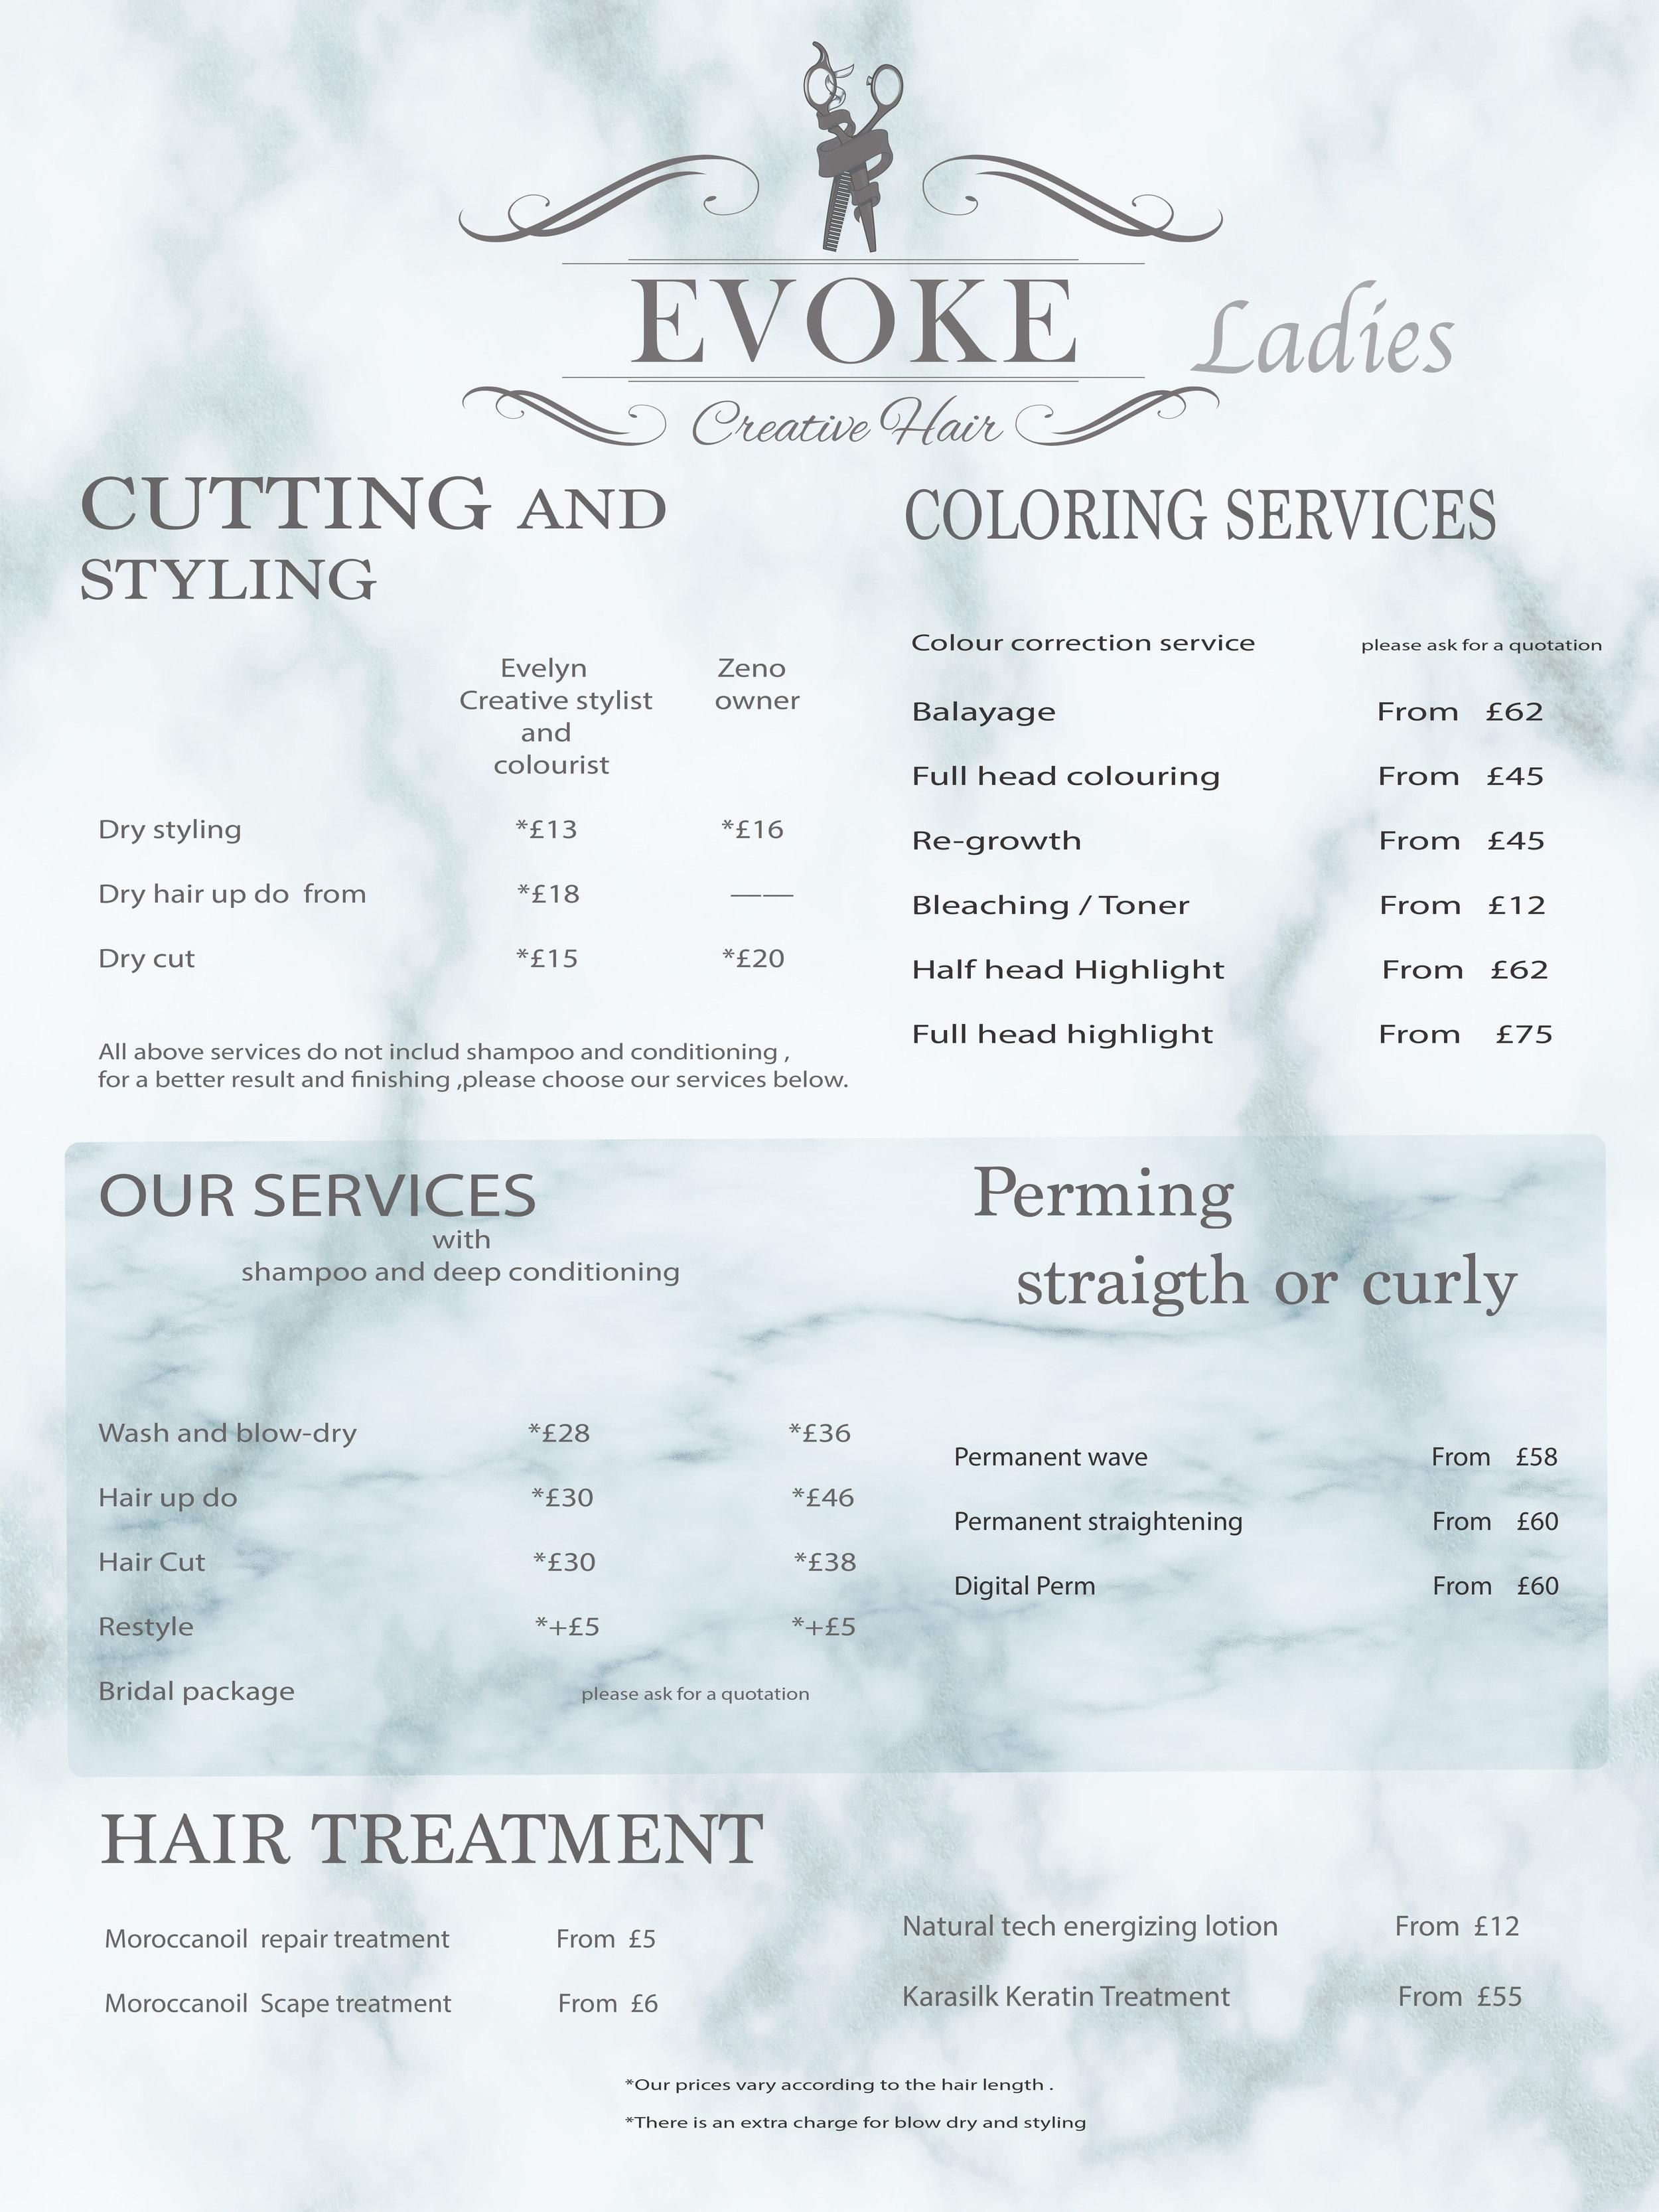 ladies price list 2019 copy.jpg